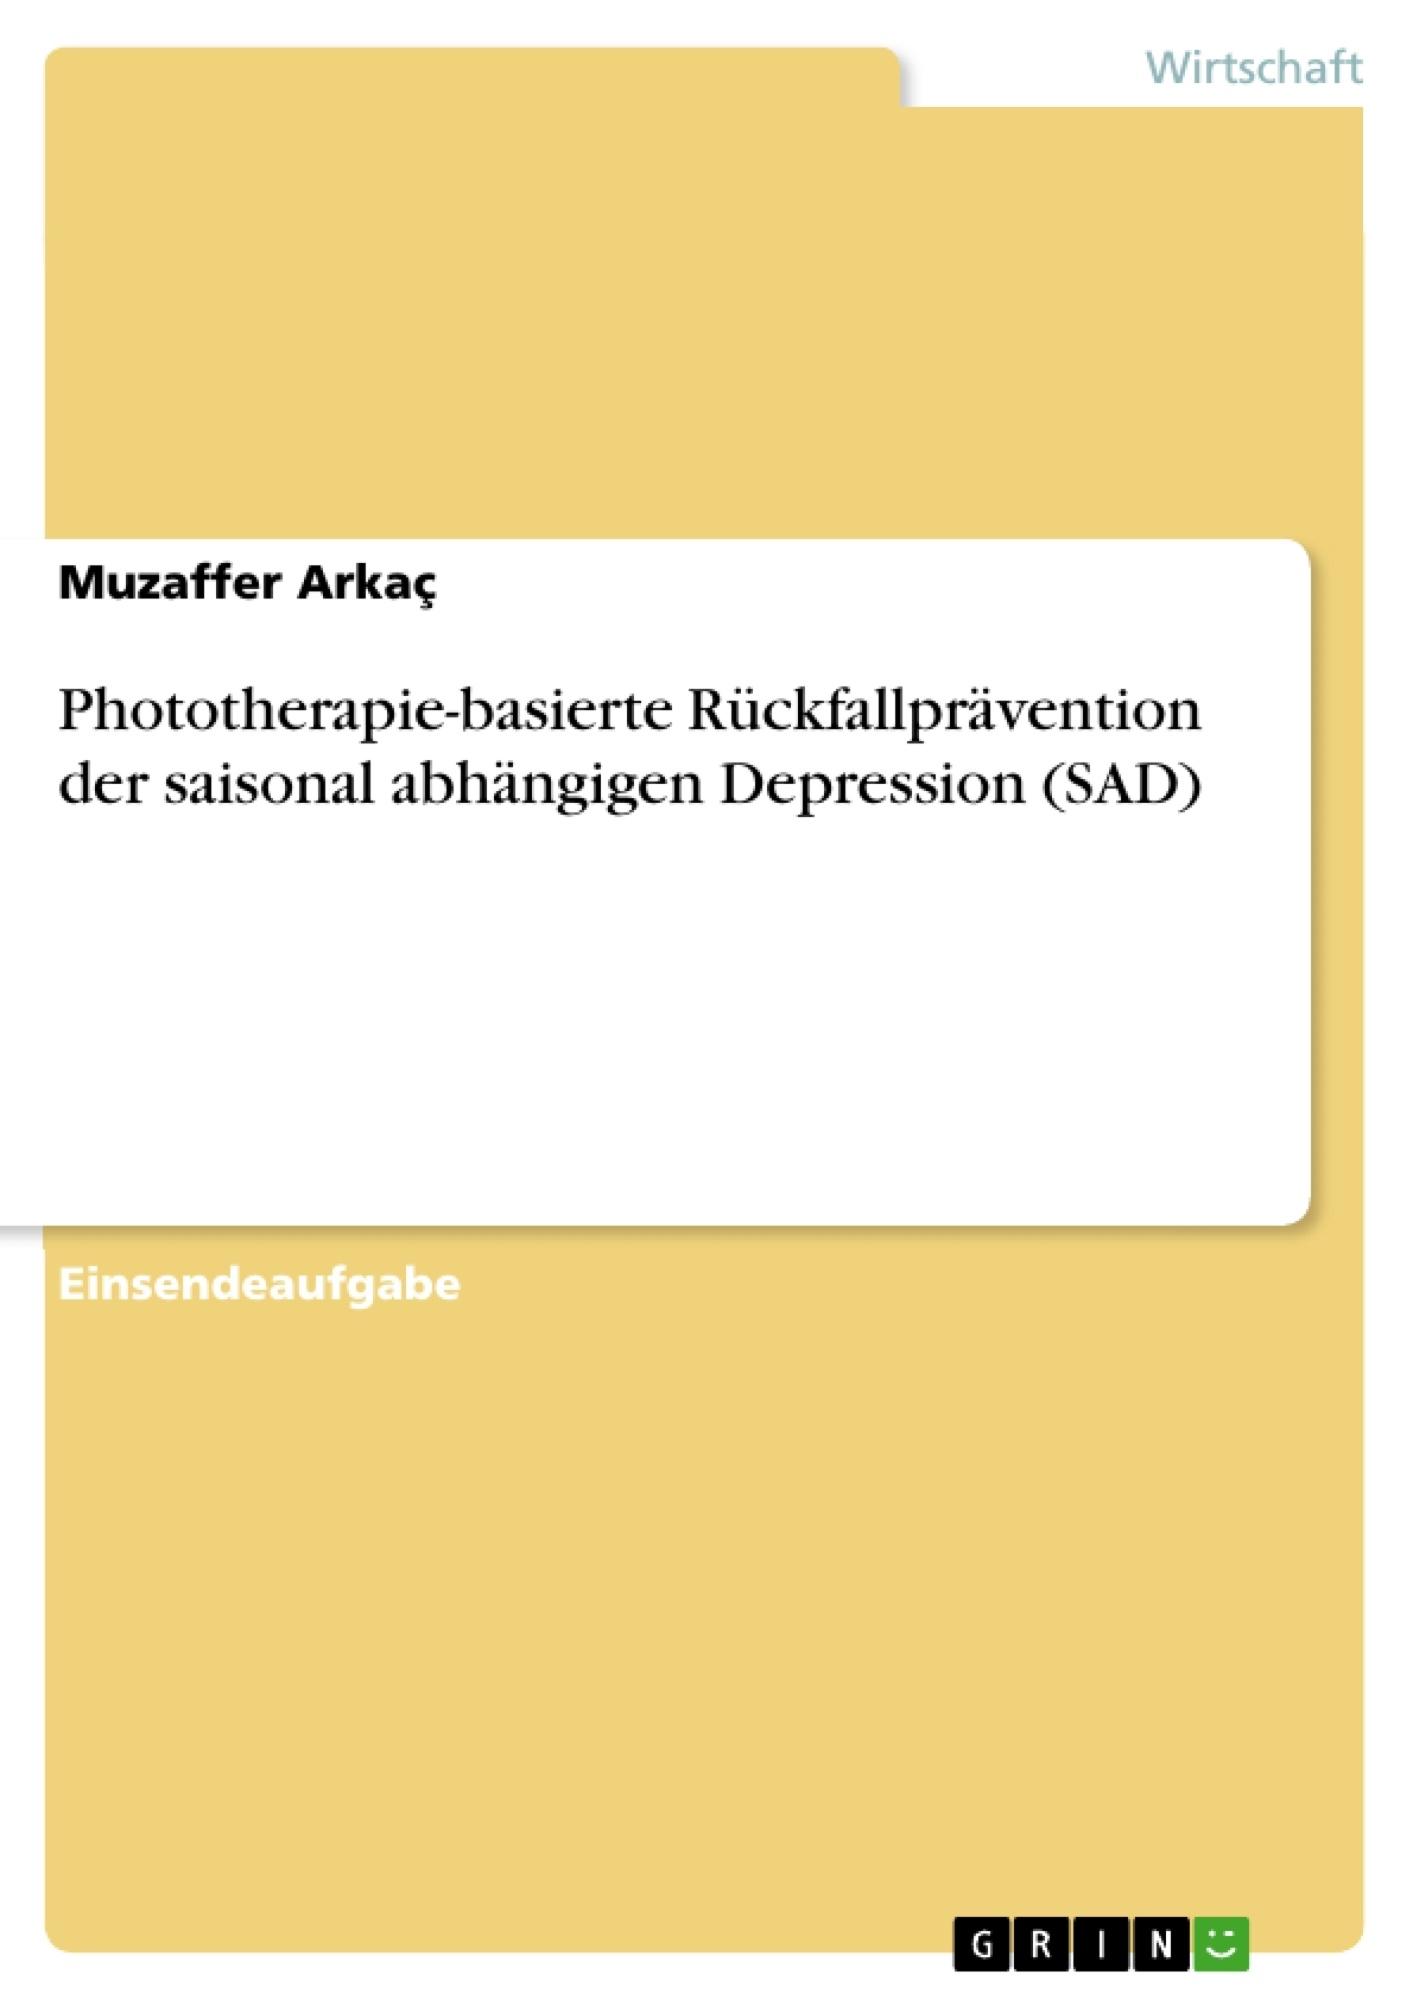 Titel: Phototherapie-basierte Rückfallprävention der saisonal abhängigen Depression (SAD)